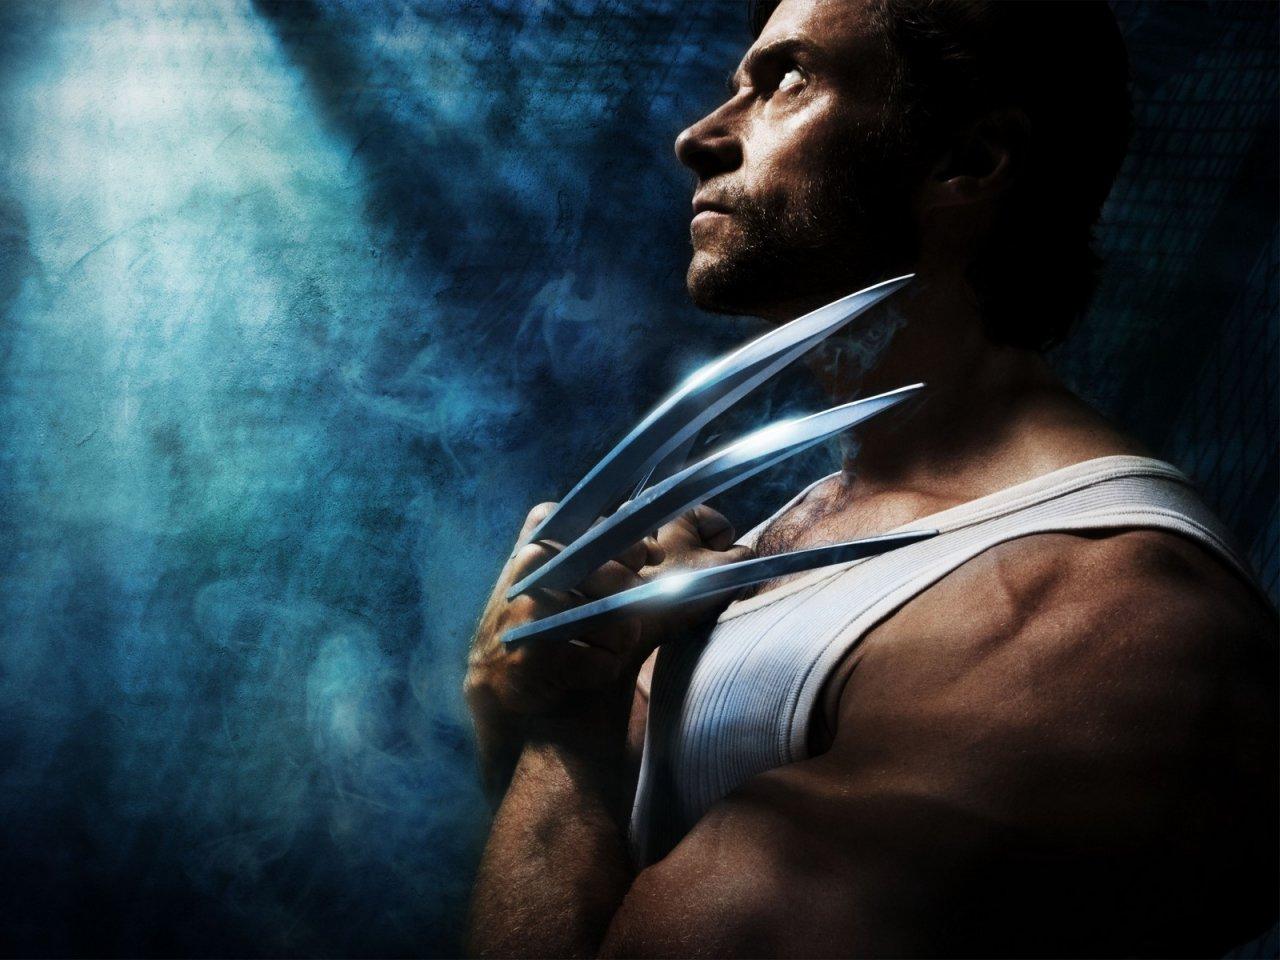 kinopoisk.ru-X-Men-Origins_3A-Wolverine-863621_1280.jpg